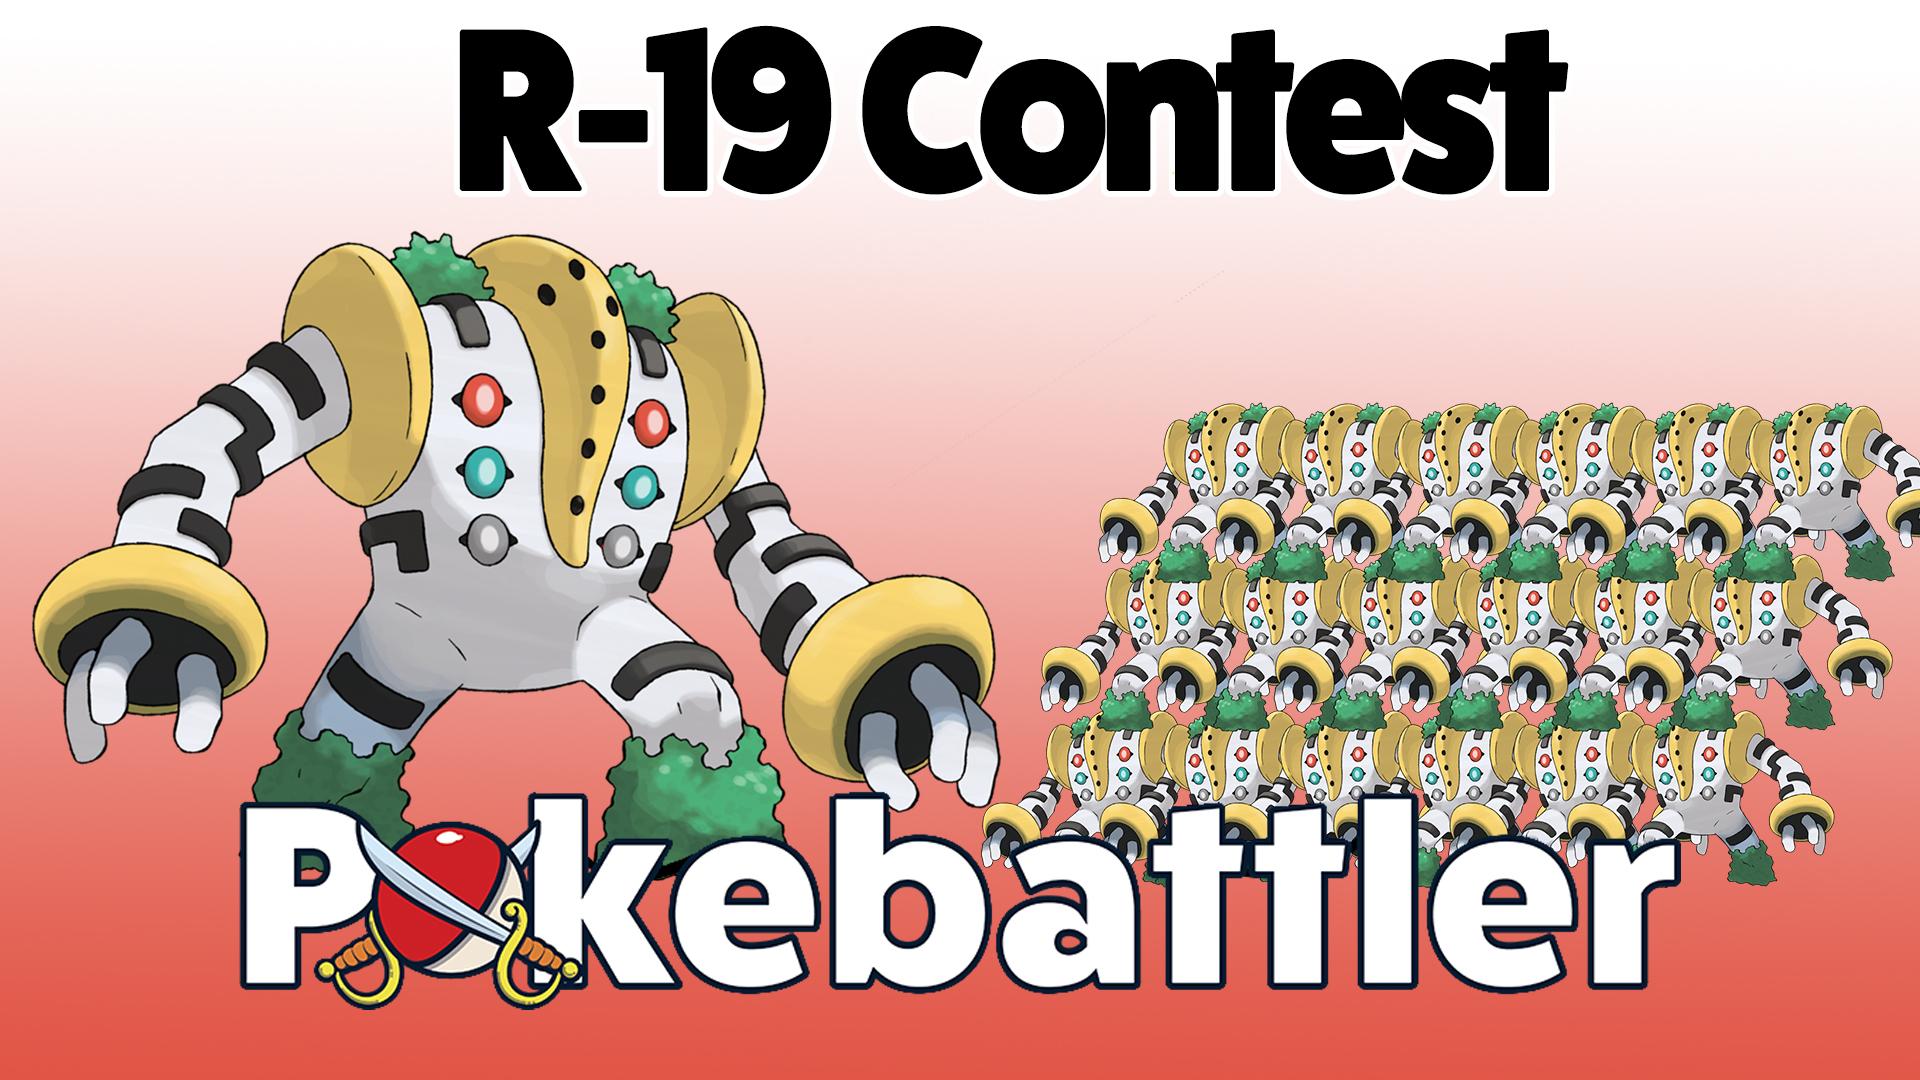 Pokebattler R19 Contest – Win an early access T-Shirt!